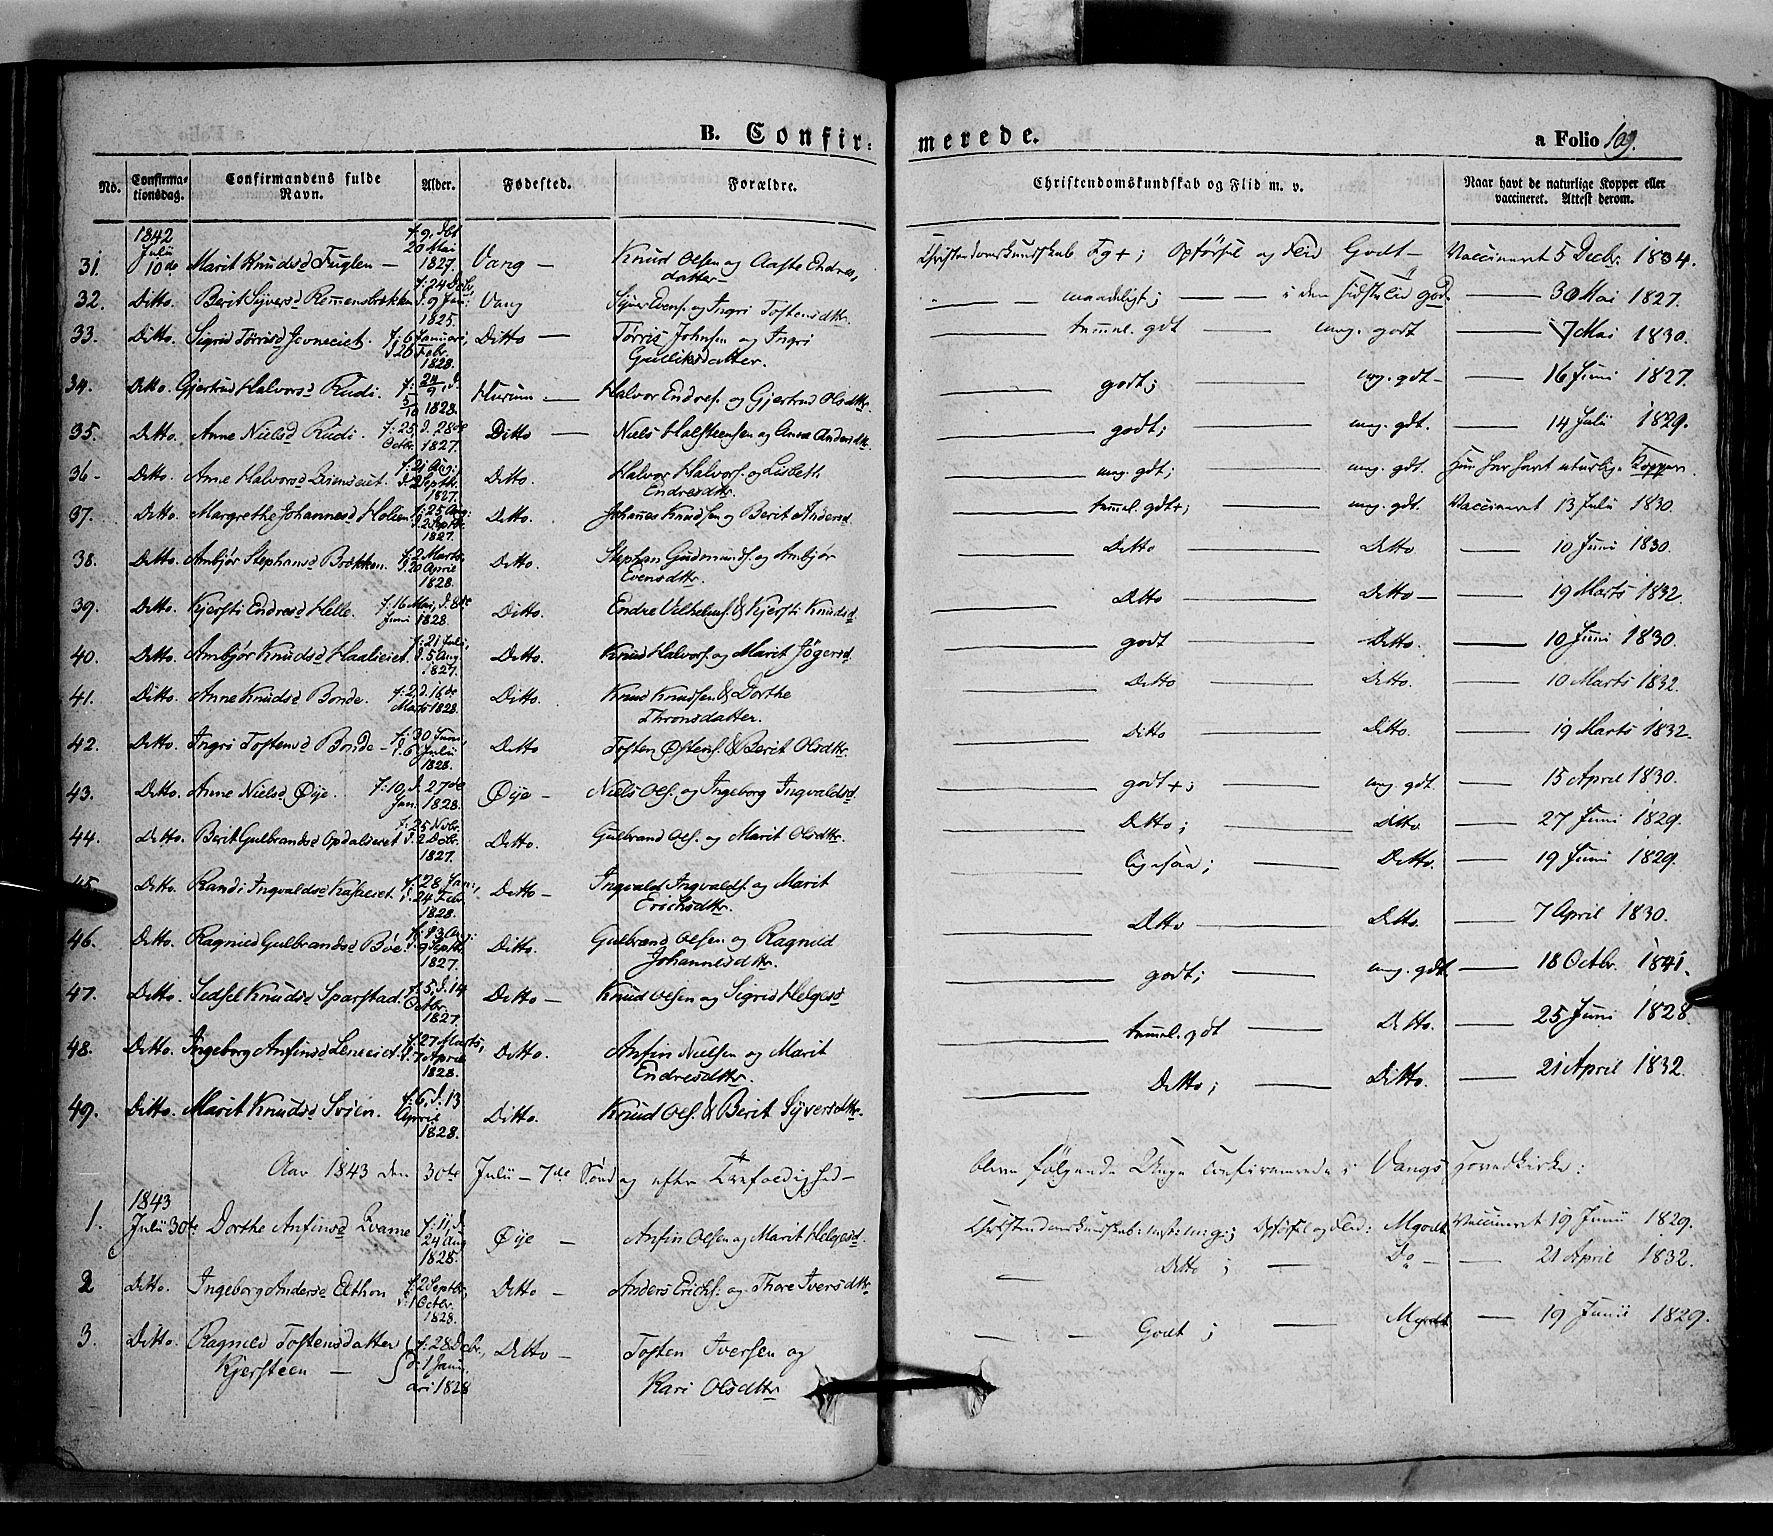 SAH, Vang prestekontor, Valdres, Ministerialbok nr. 5, 1831-1845, s. 109